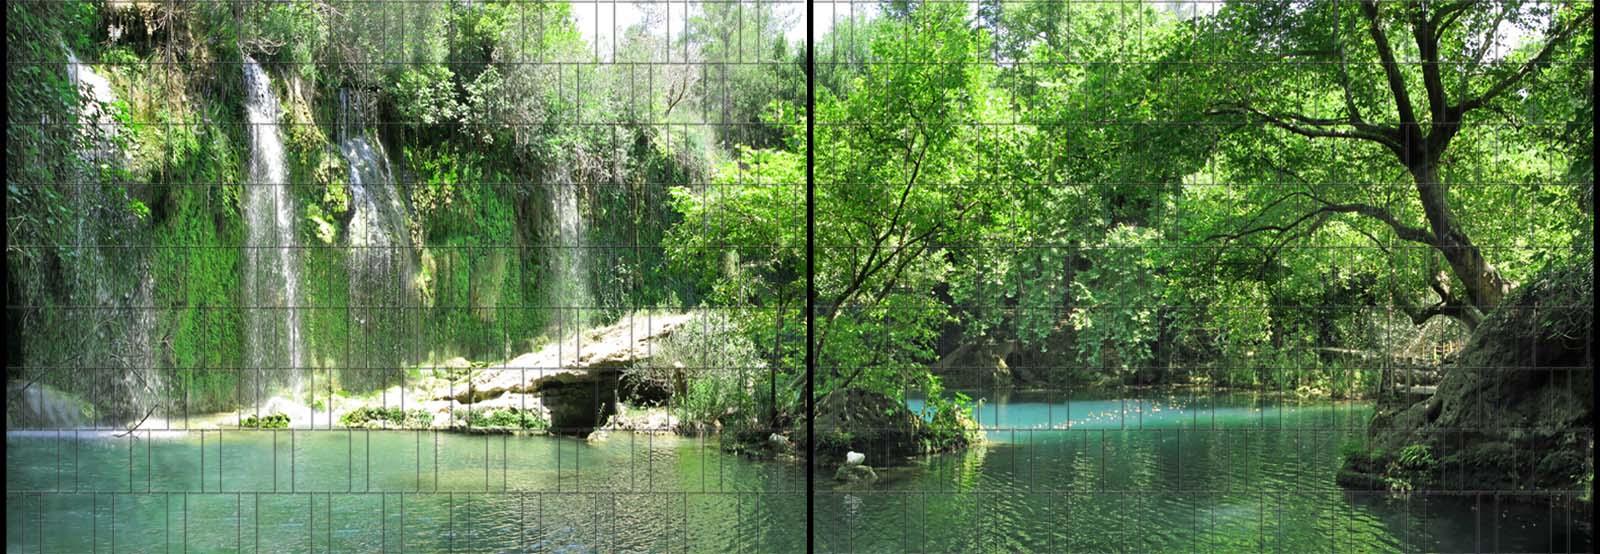 Grotte Panorama XL bedruckte Sichtschutzstreifen für Doppelstabmattenzaun